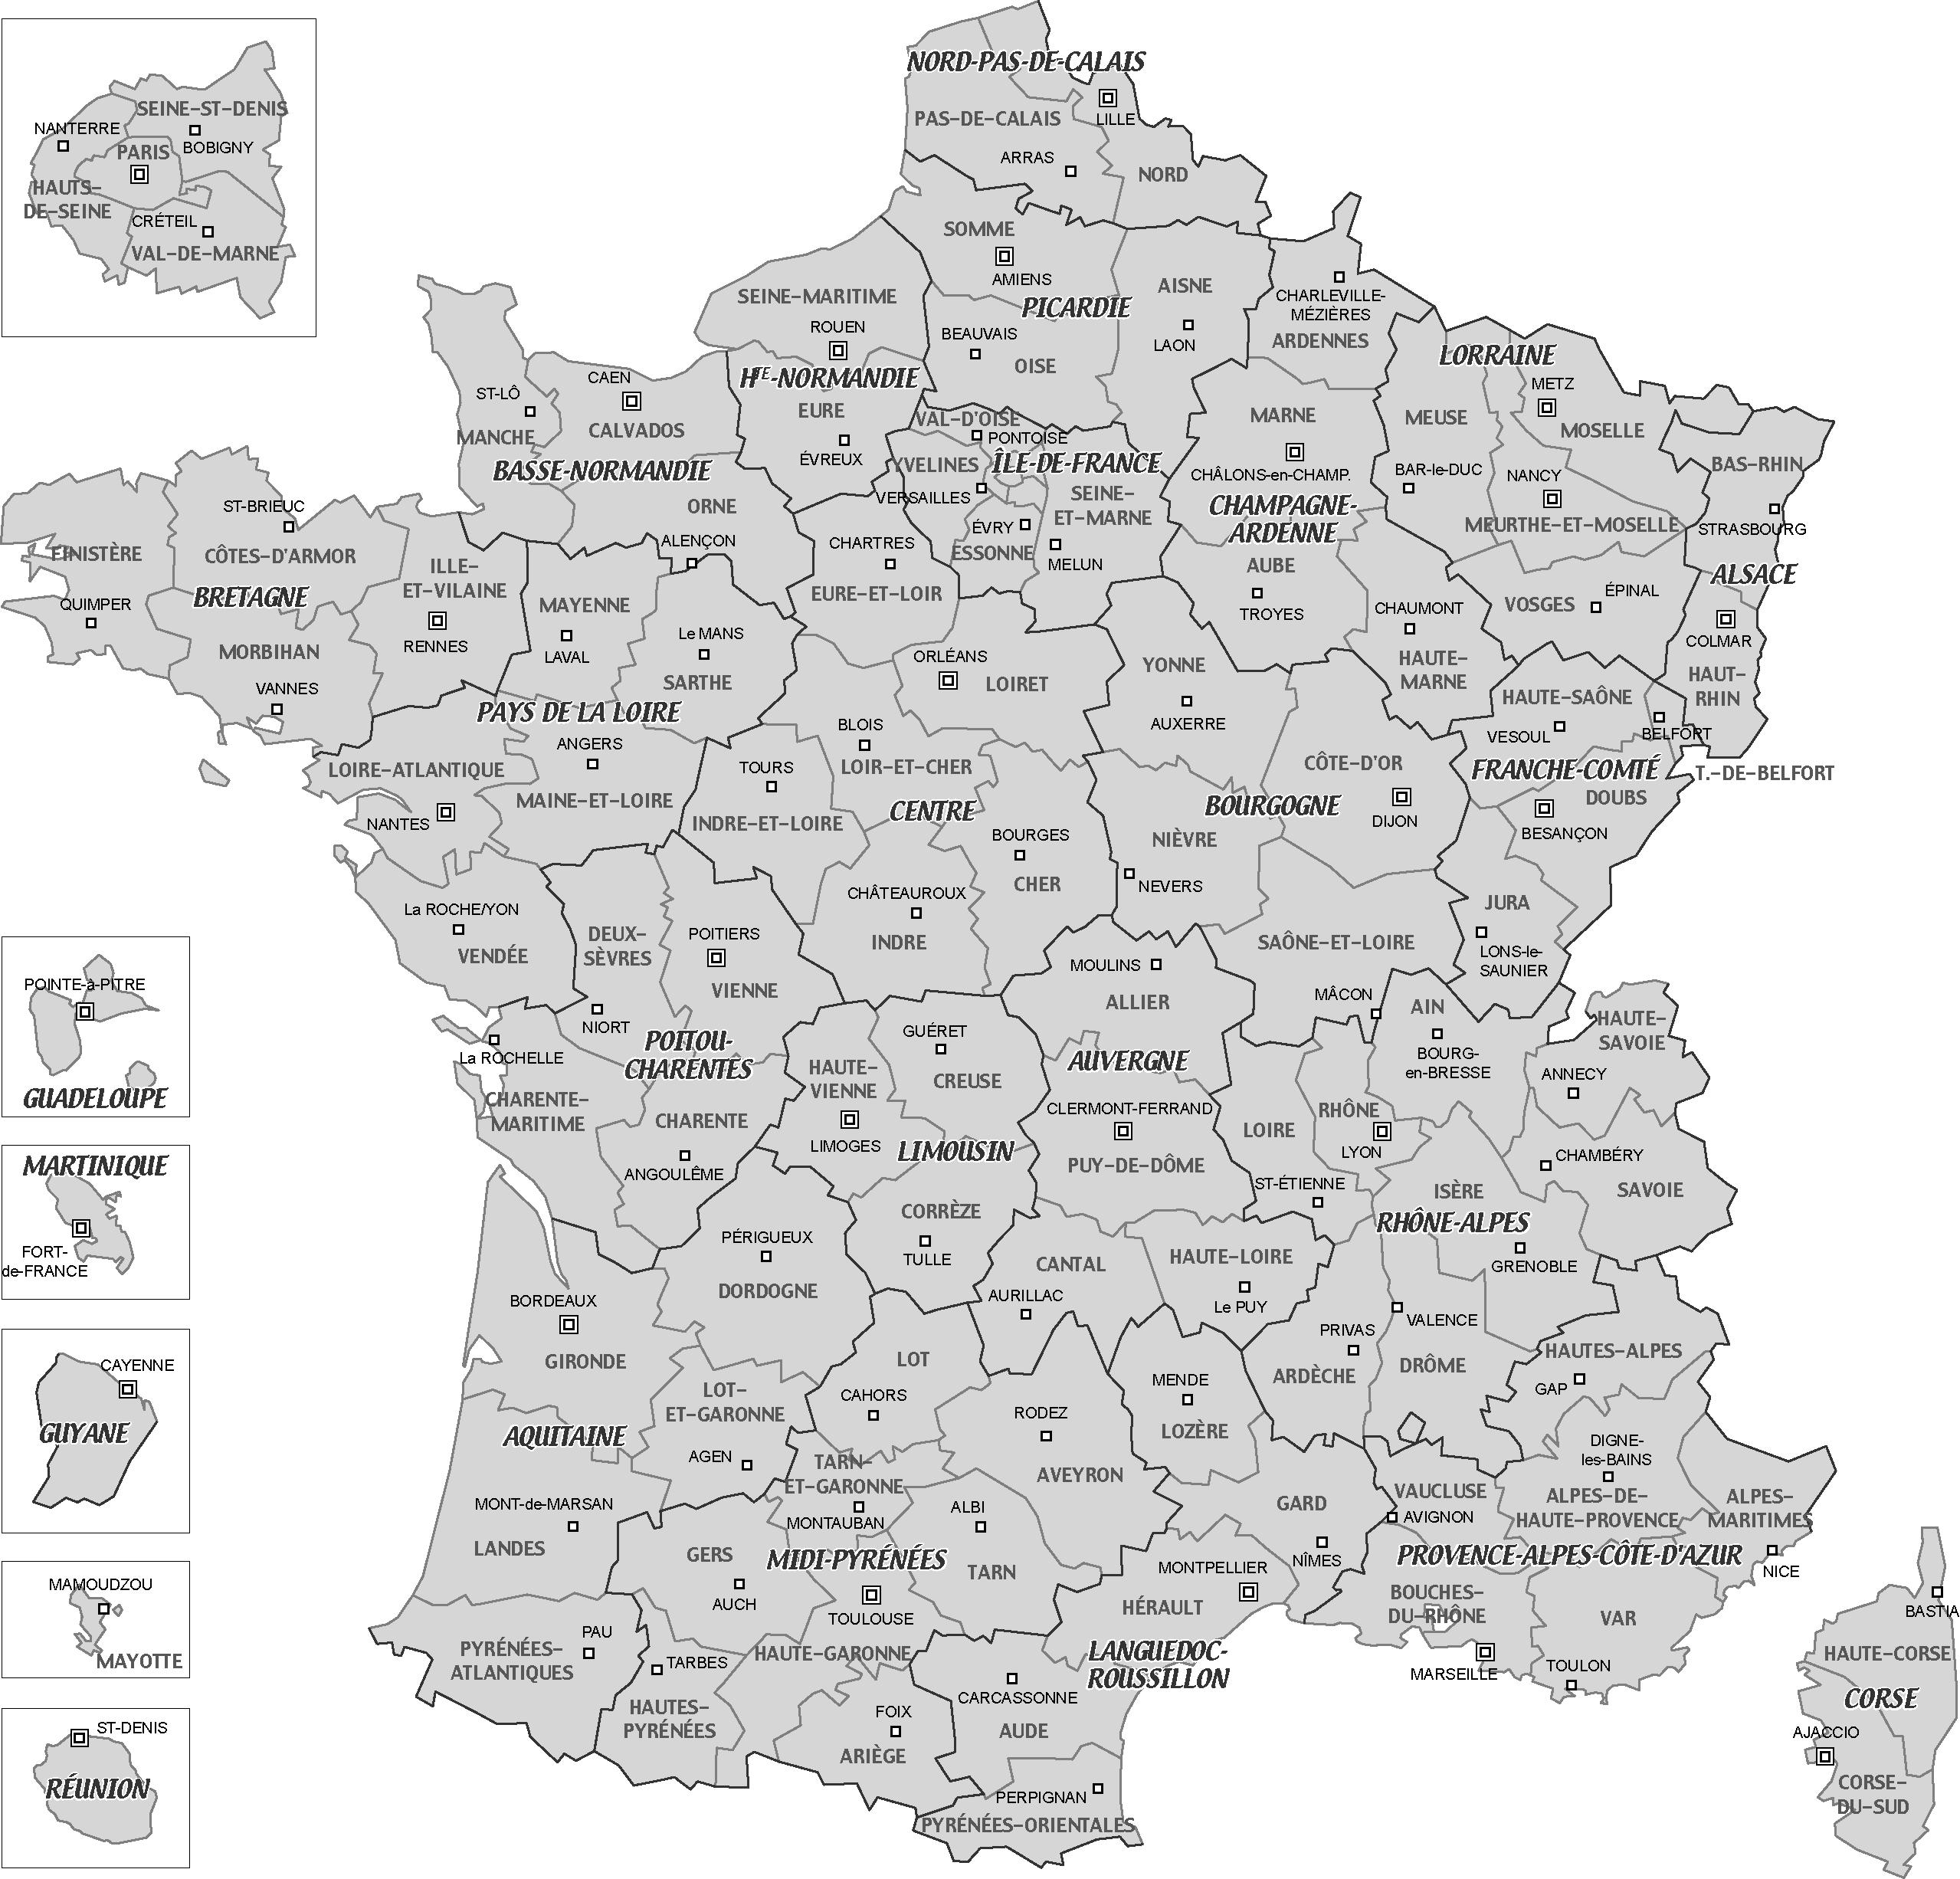 Carte des departement francais